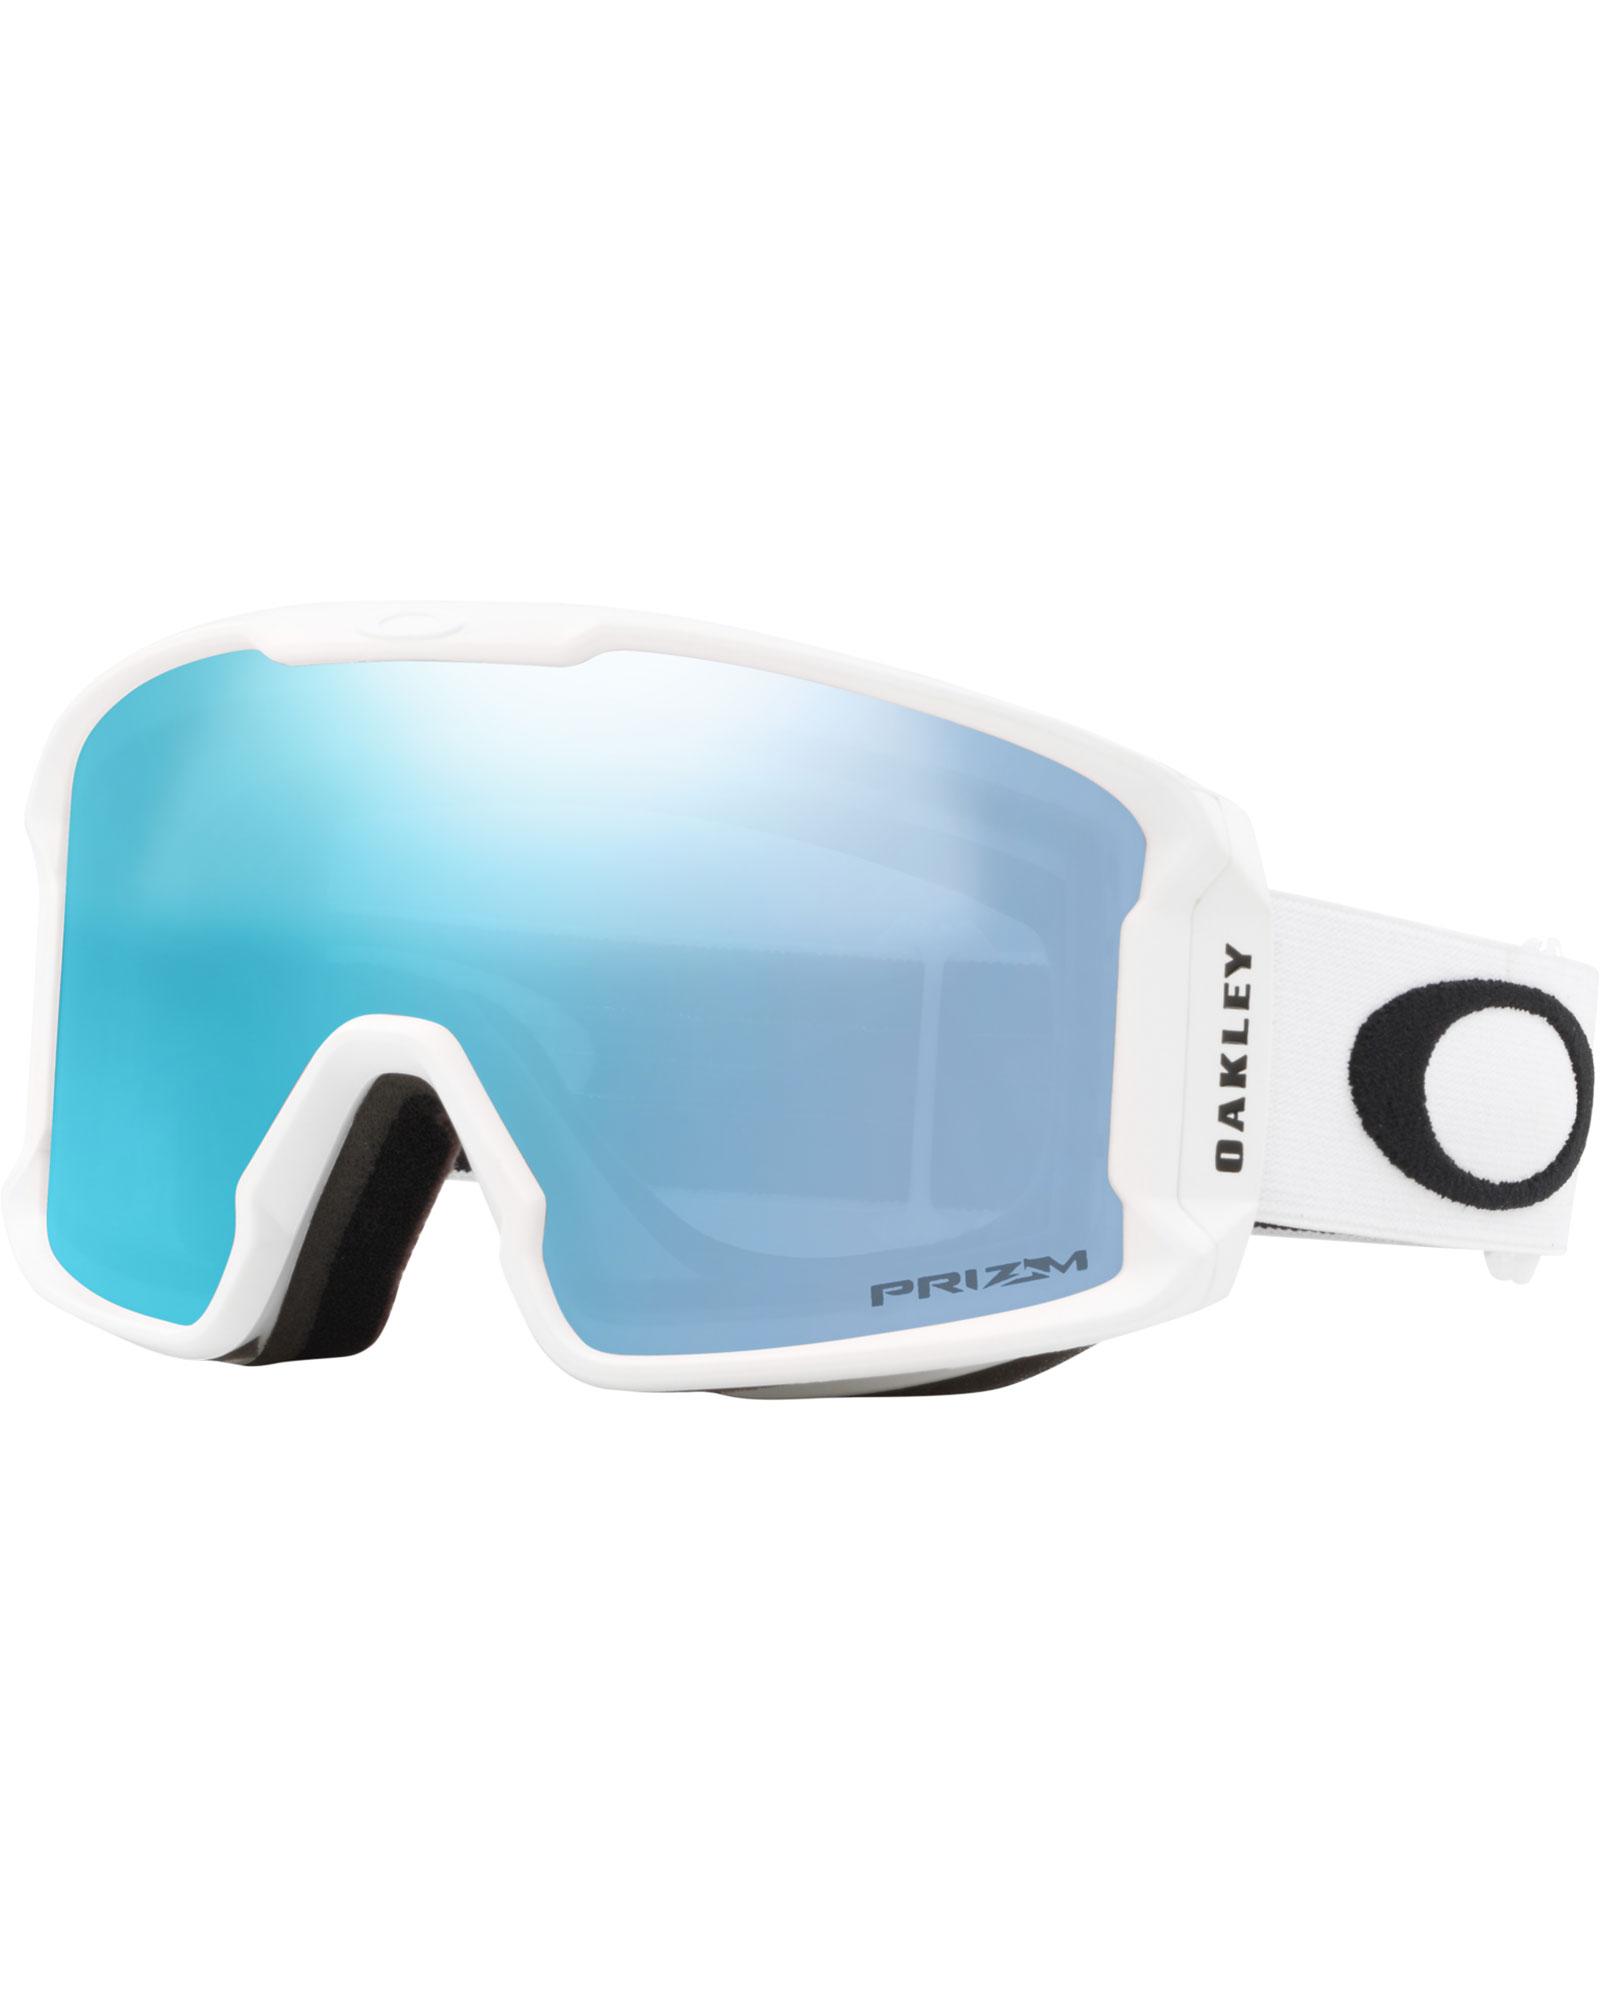 Oakley Line Miner XM Matte White / Prizm Sapphire Iridium Goggles 2020 / 2021 0